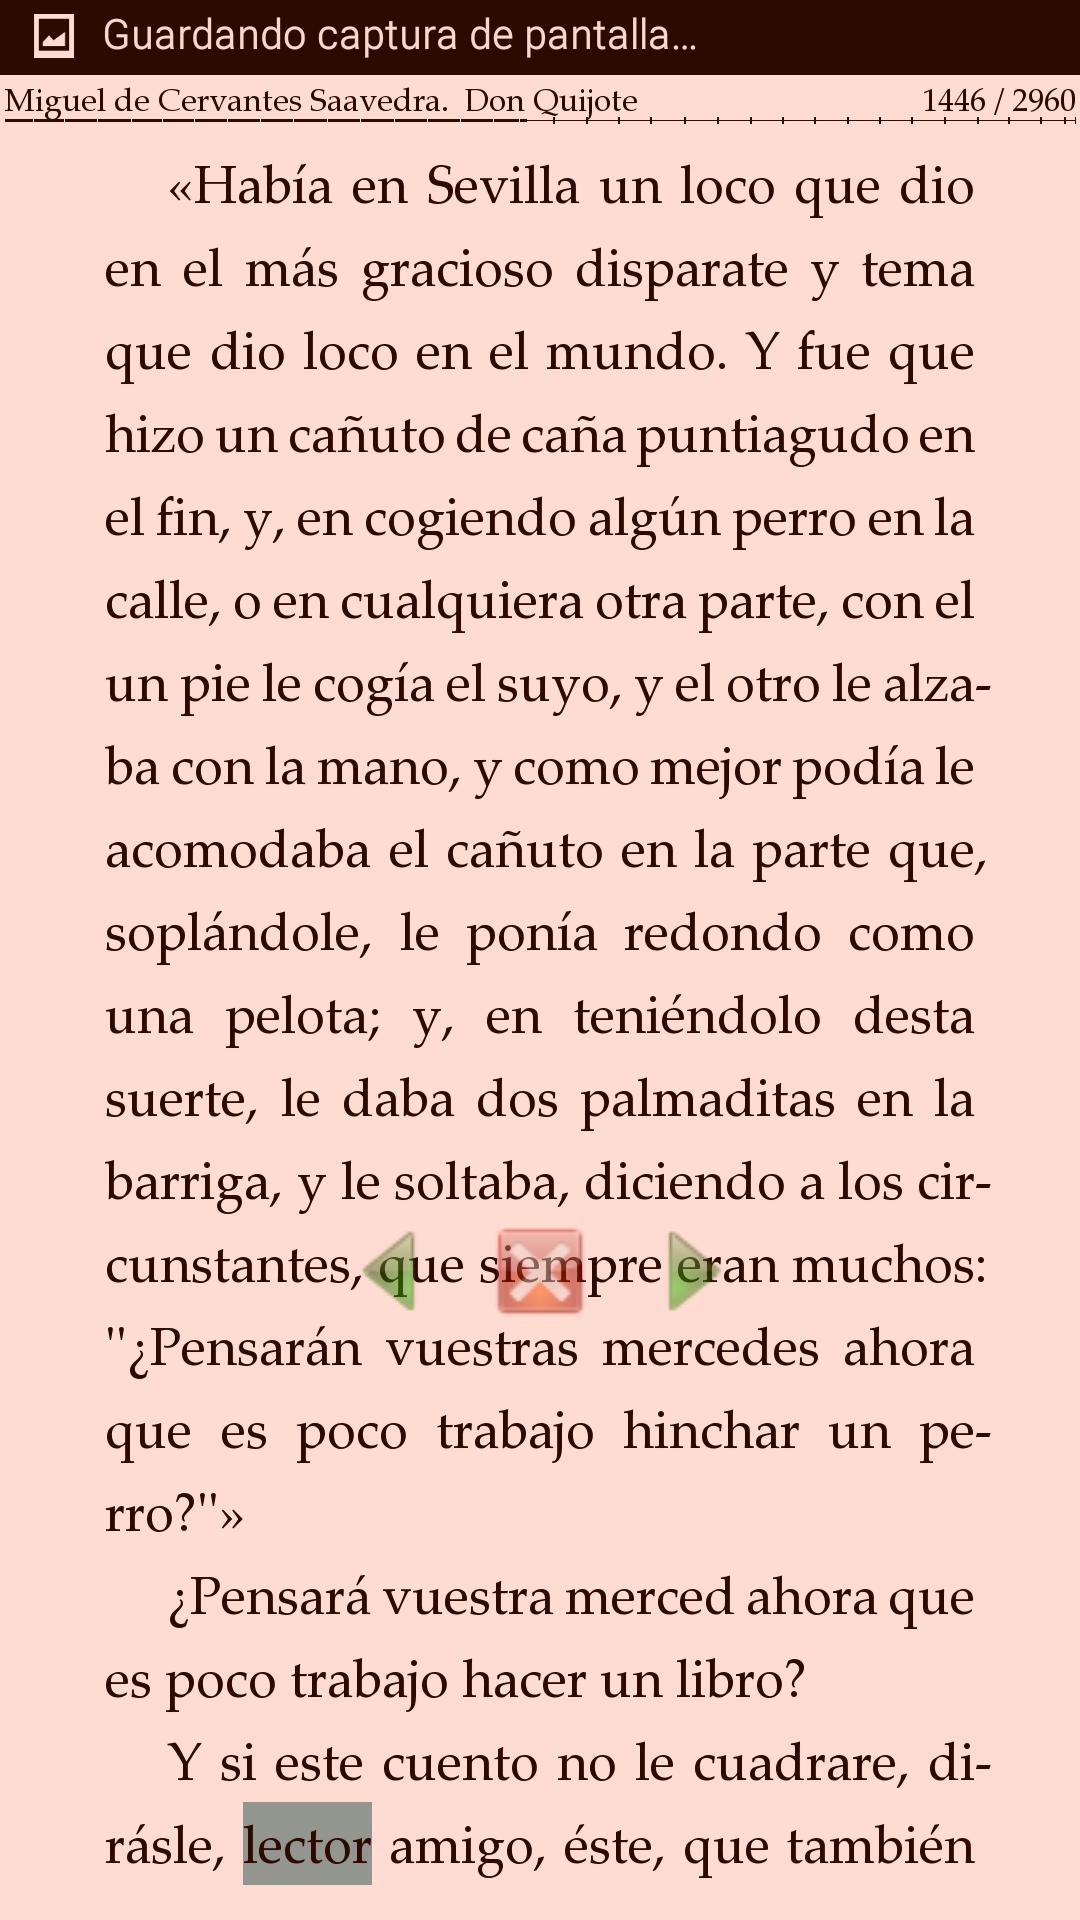 Letra 15  Nº 4  Noviembre 2015  L15-04-41 - Javier Fernández